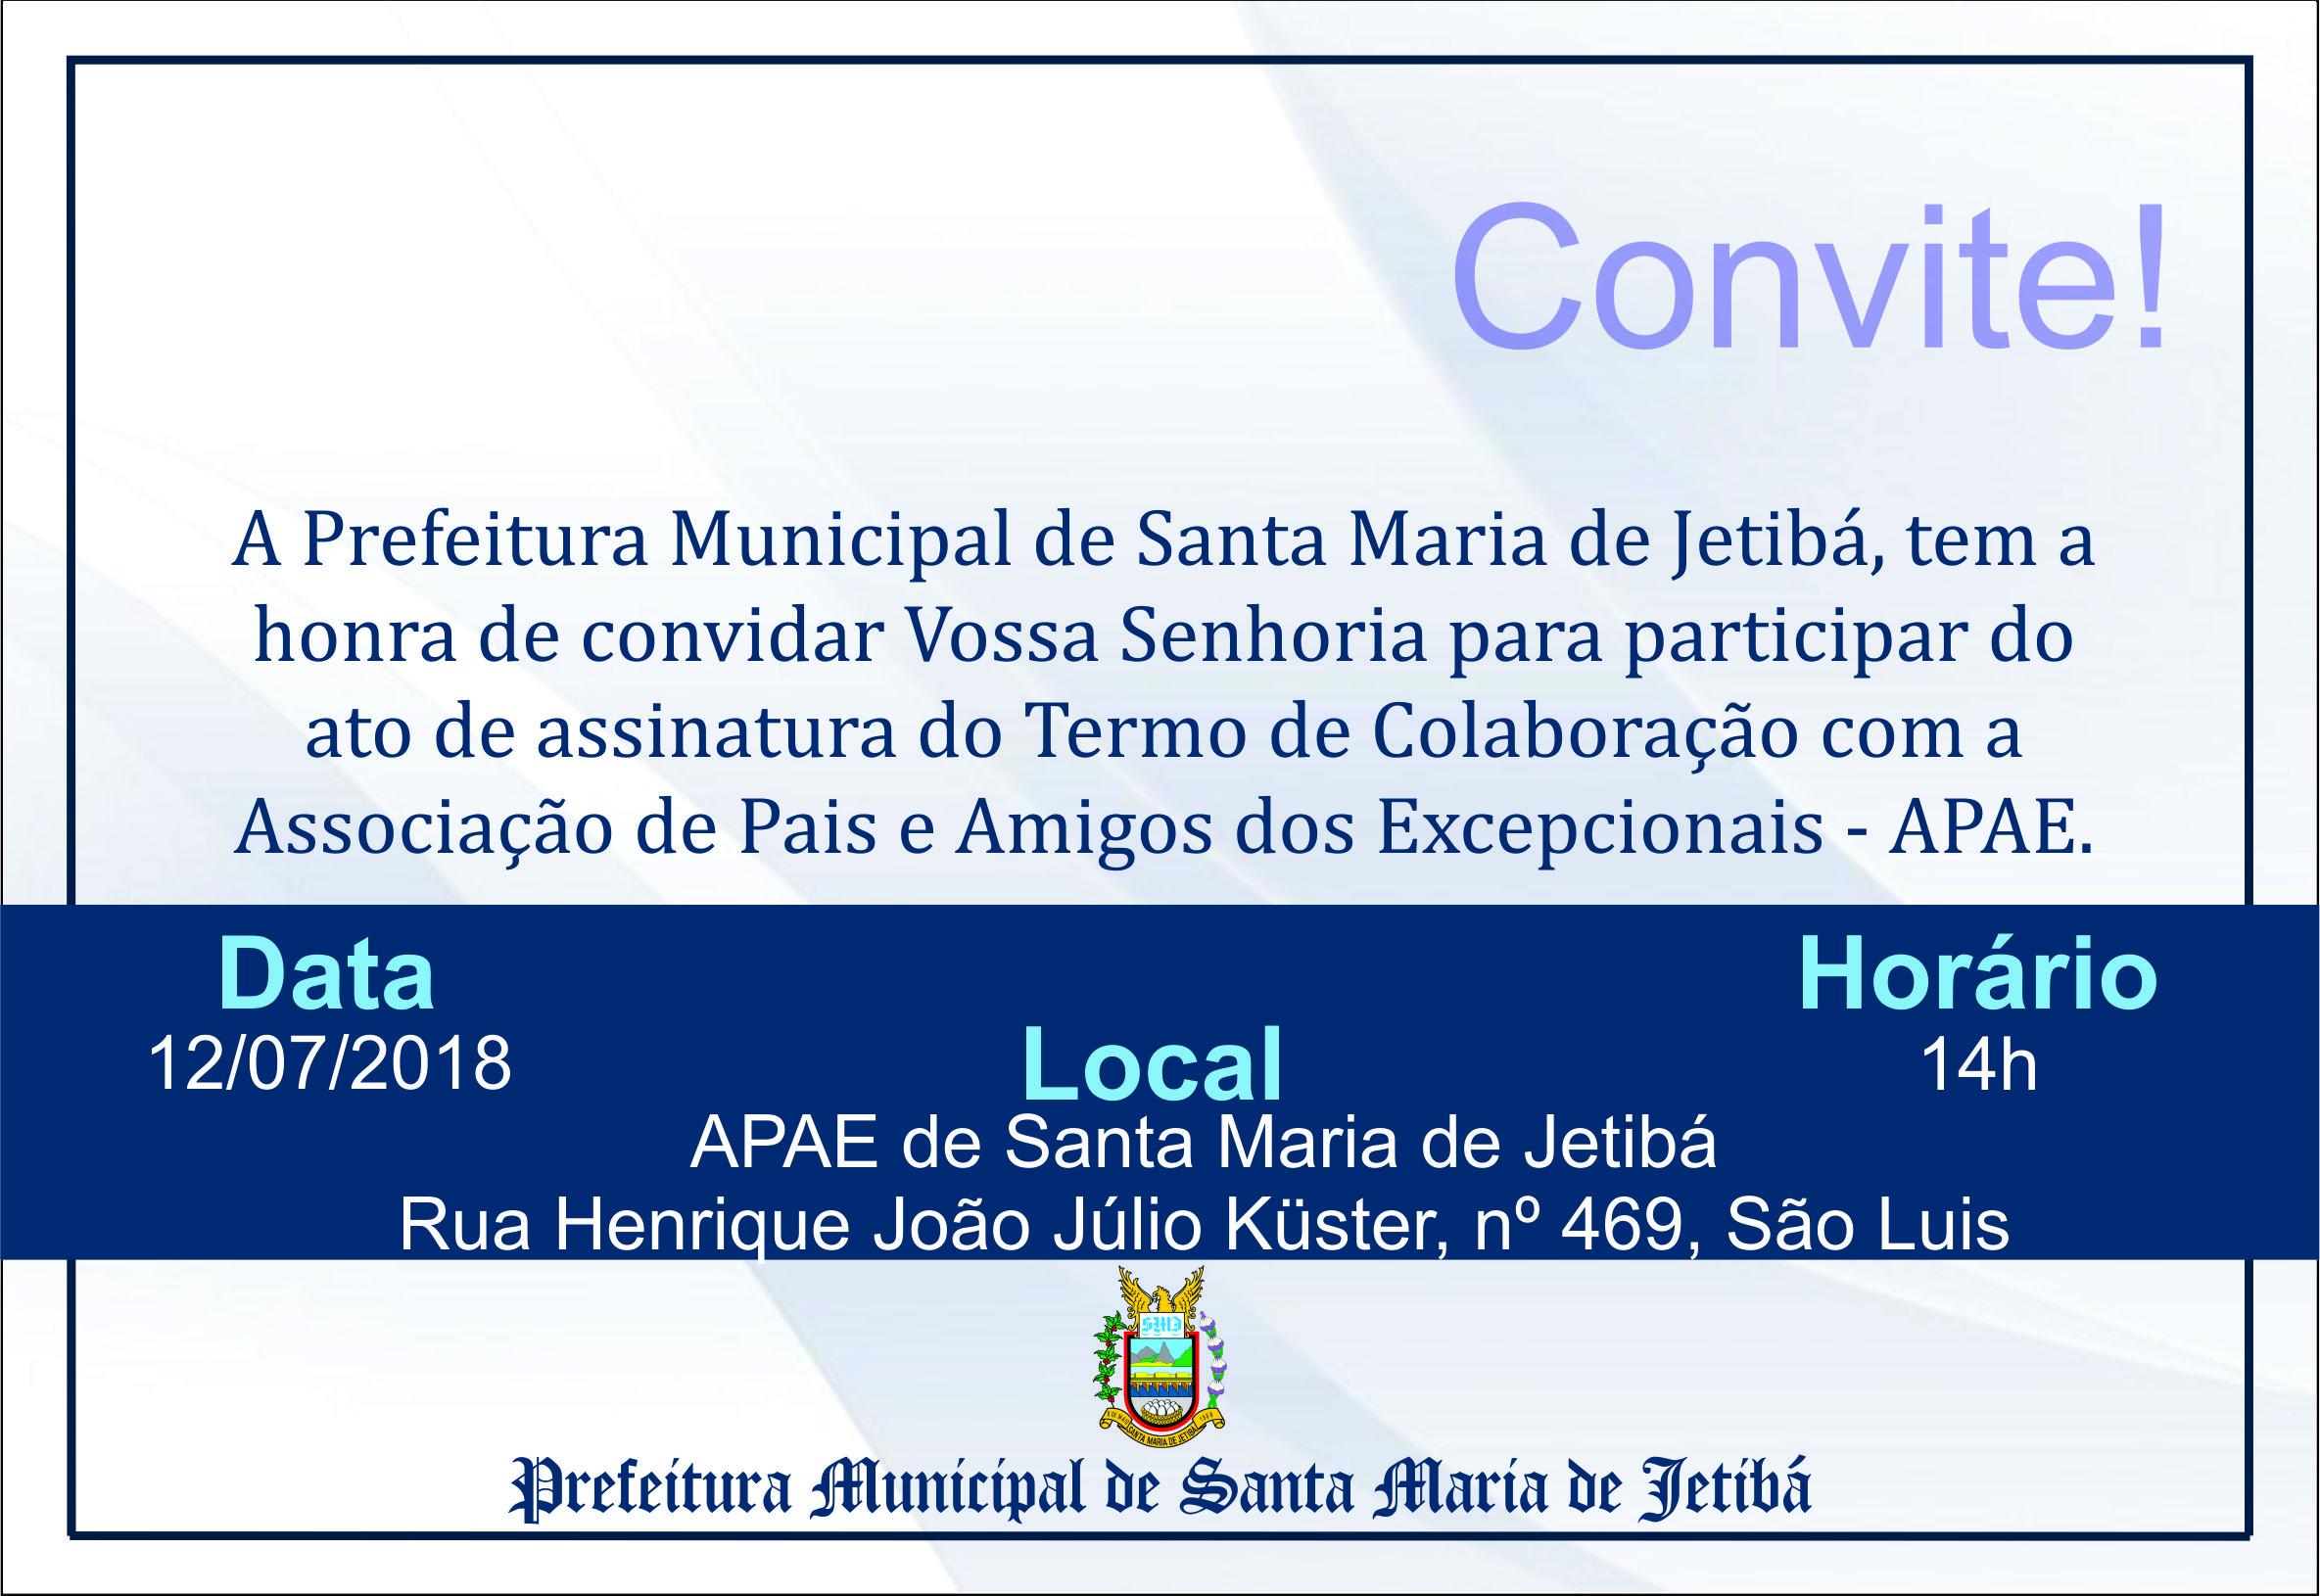 CONVITE ASSINATURA DE CONVENIO COM A APAE